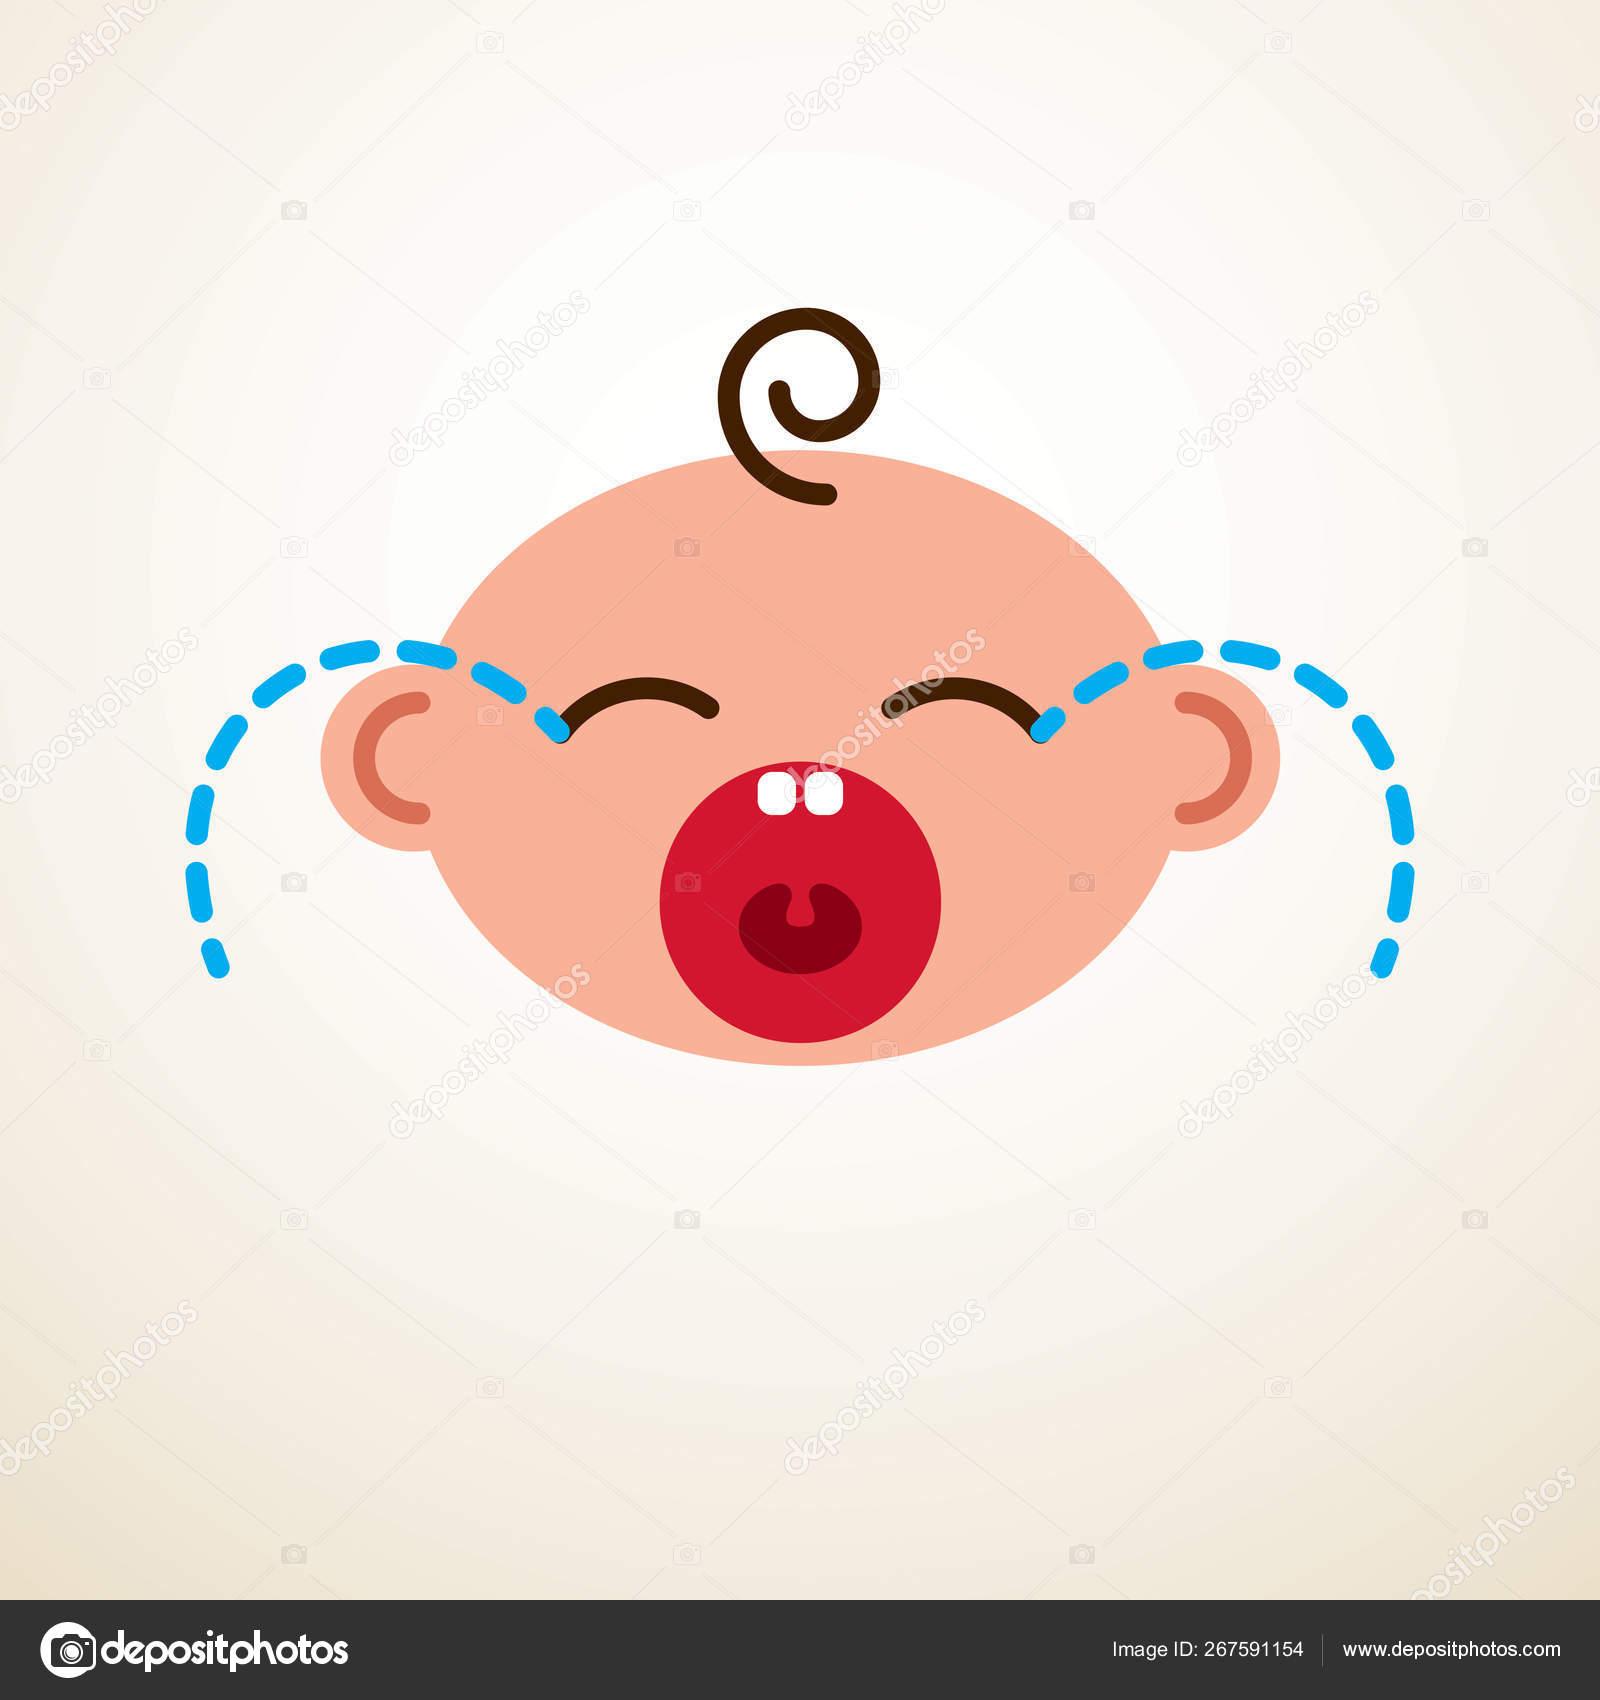 Bebê Bonito Dos Desenhos Animados Vetor Plana ícone Chorando